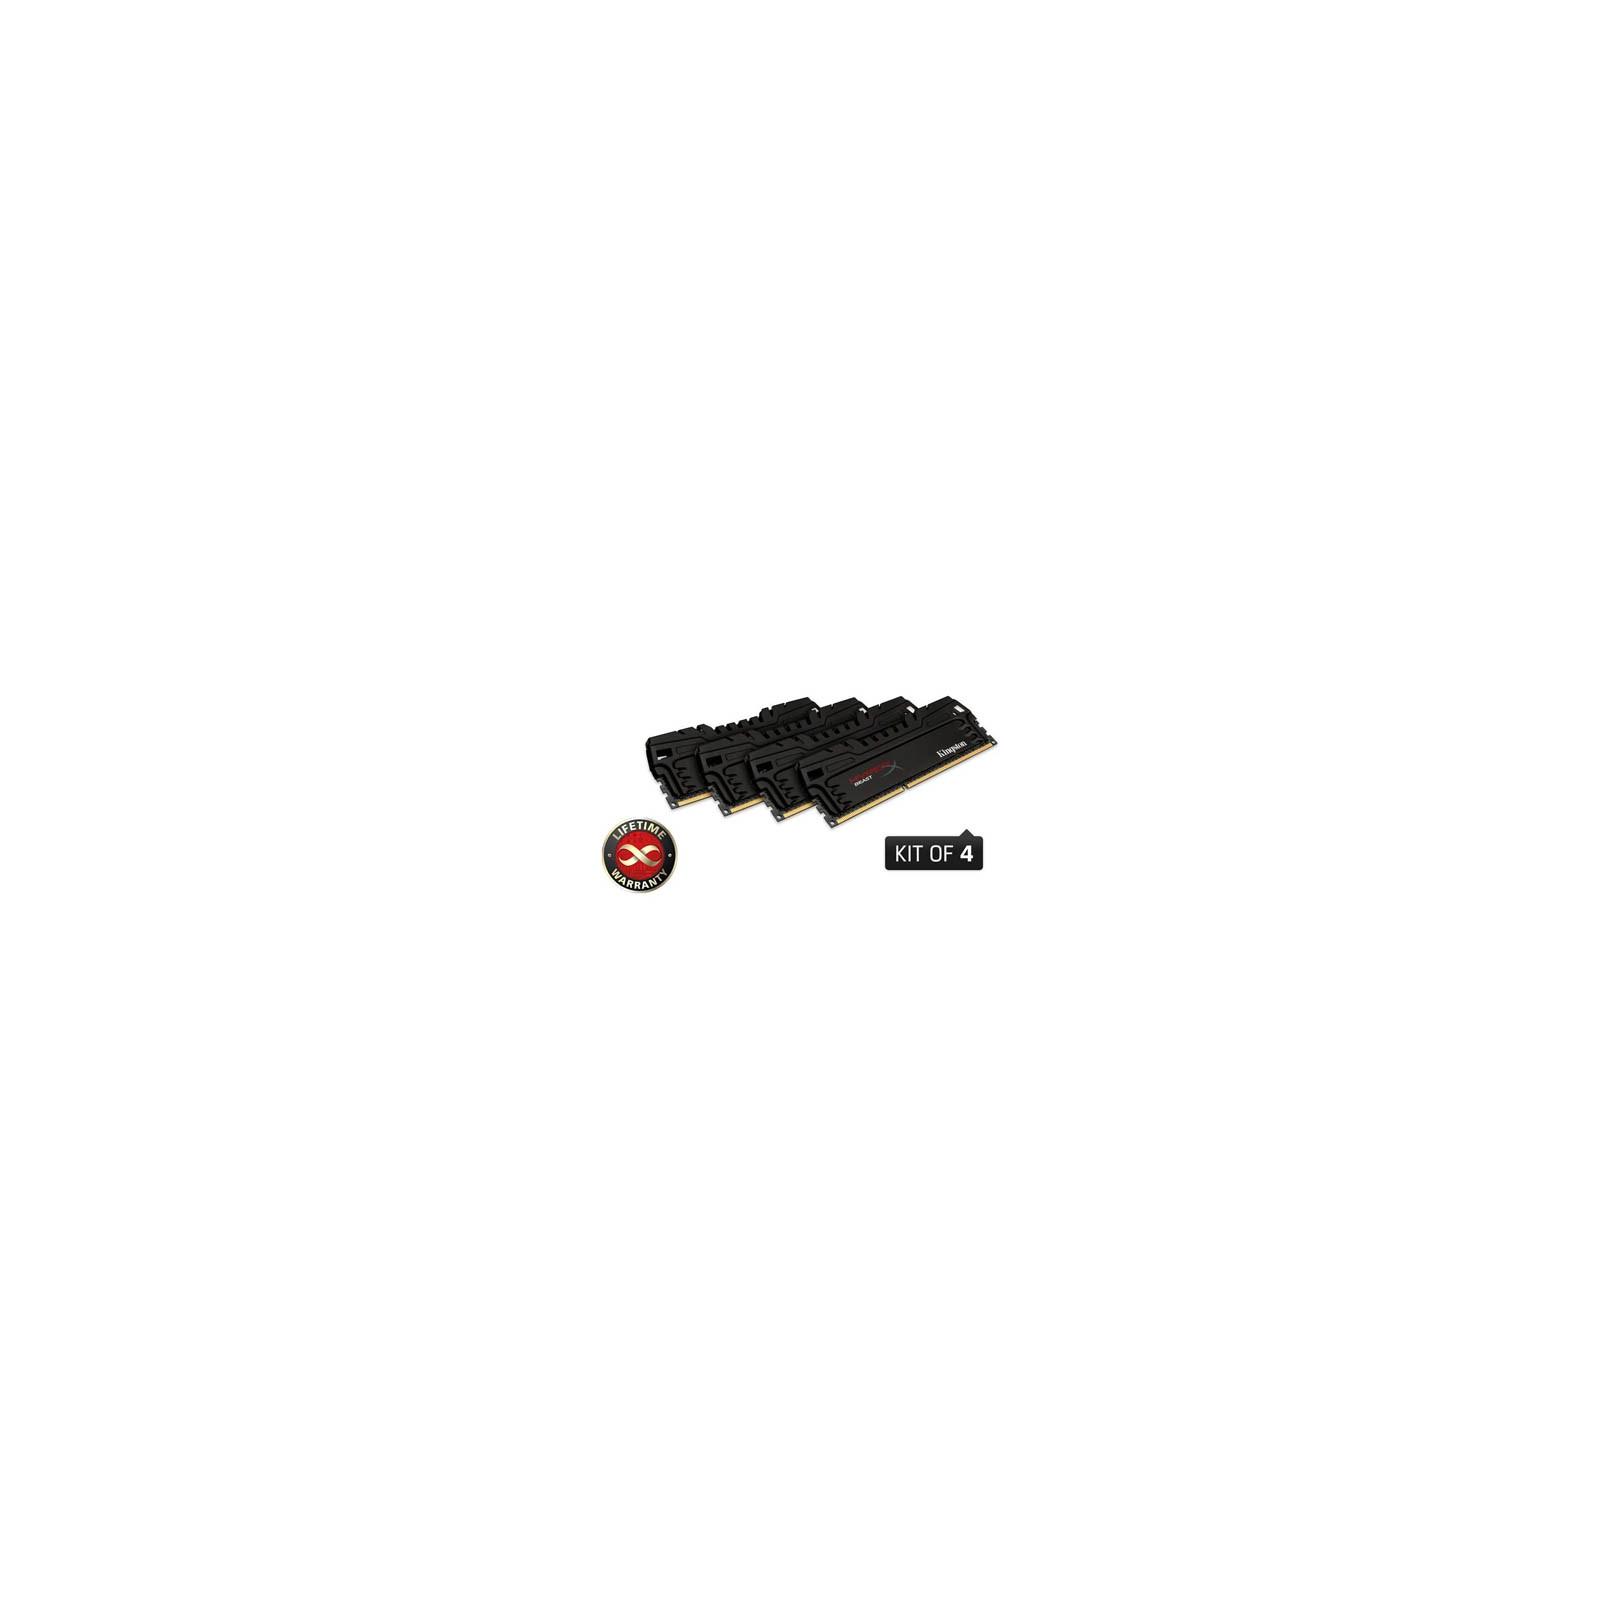 Модуль памяти для компьютера DDR3 16GB (4x4GB) 1600 MHz Kingston (KHX16C9T3K4/16X)